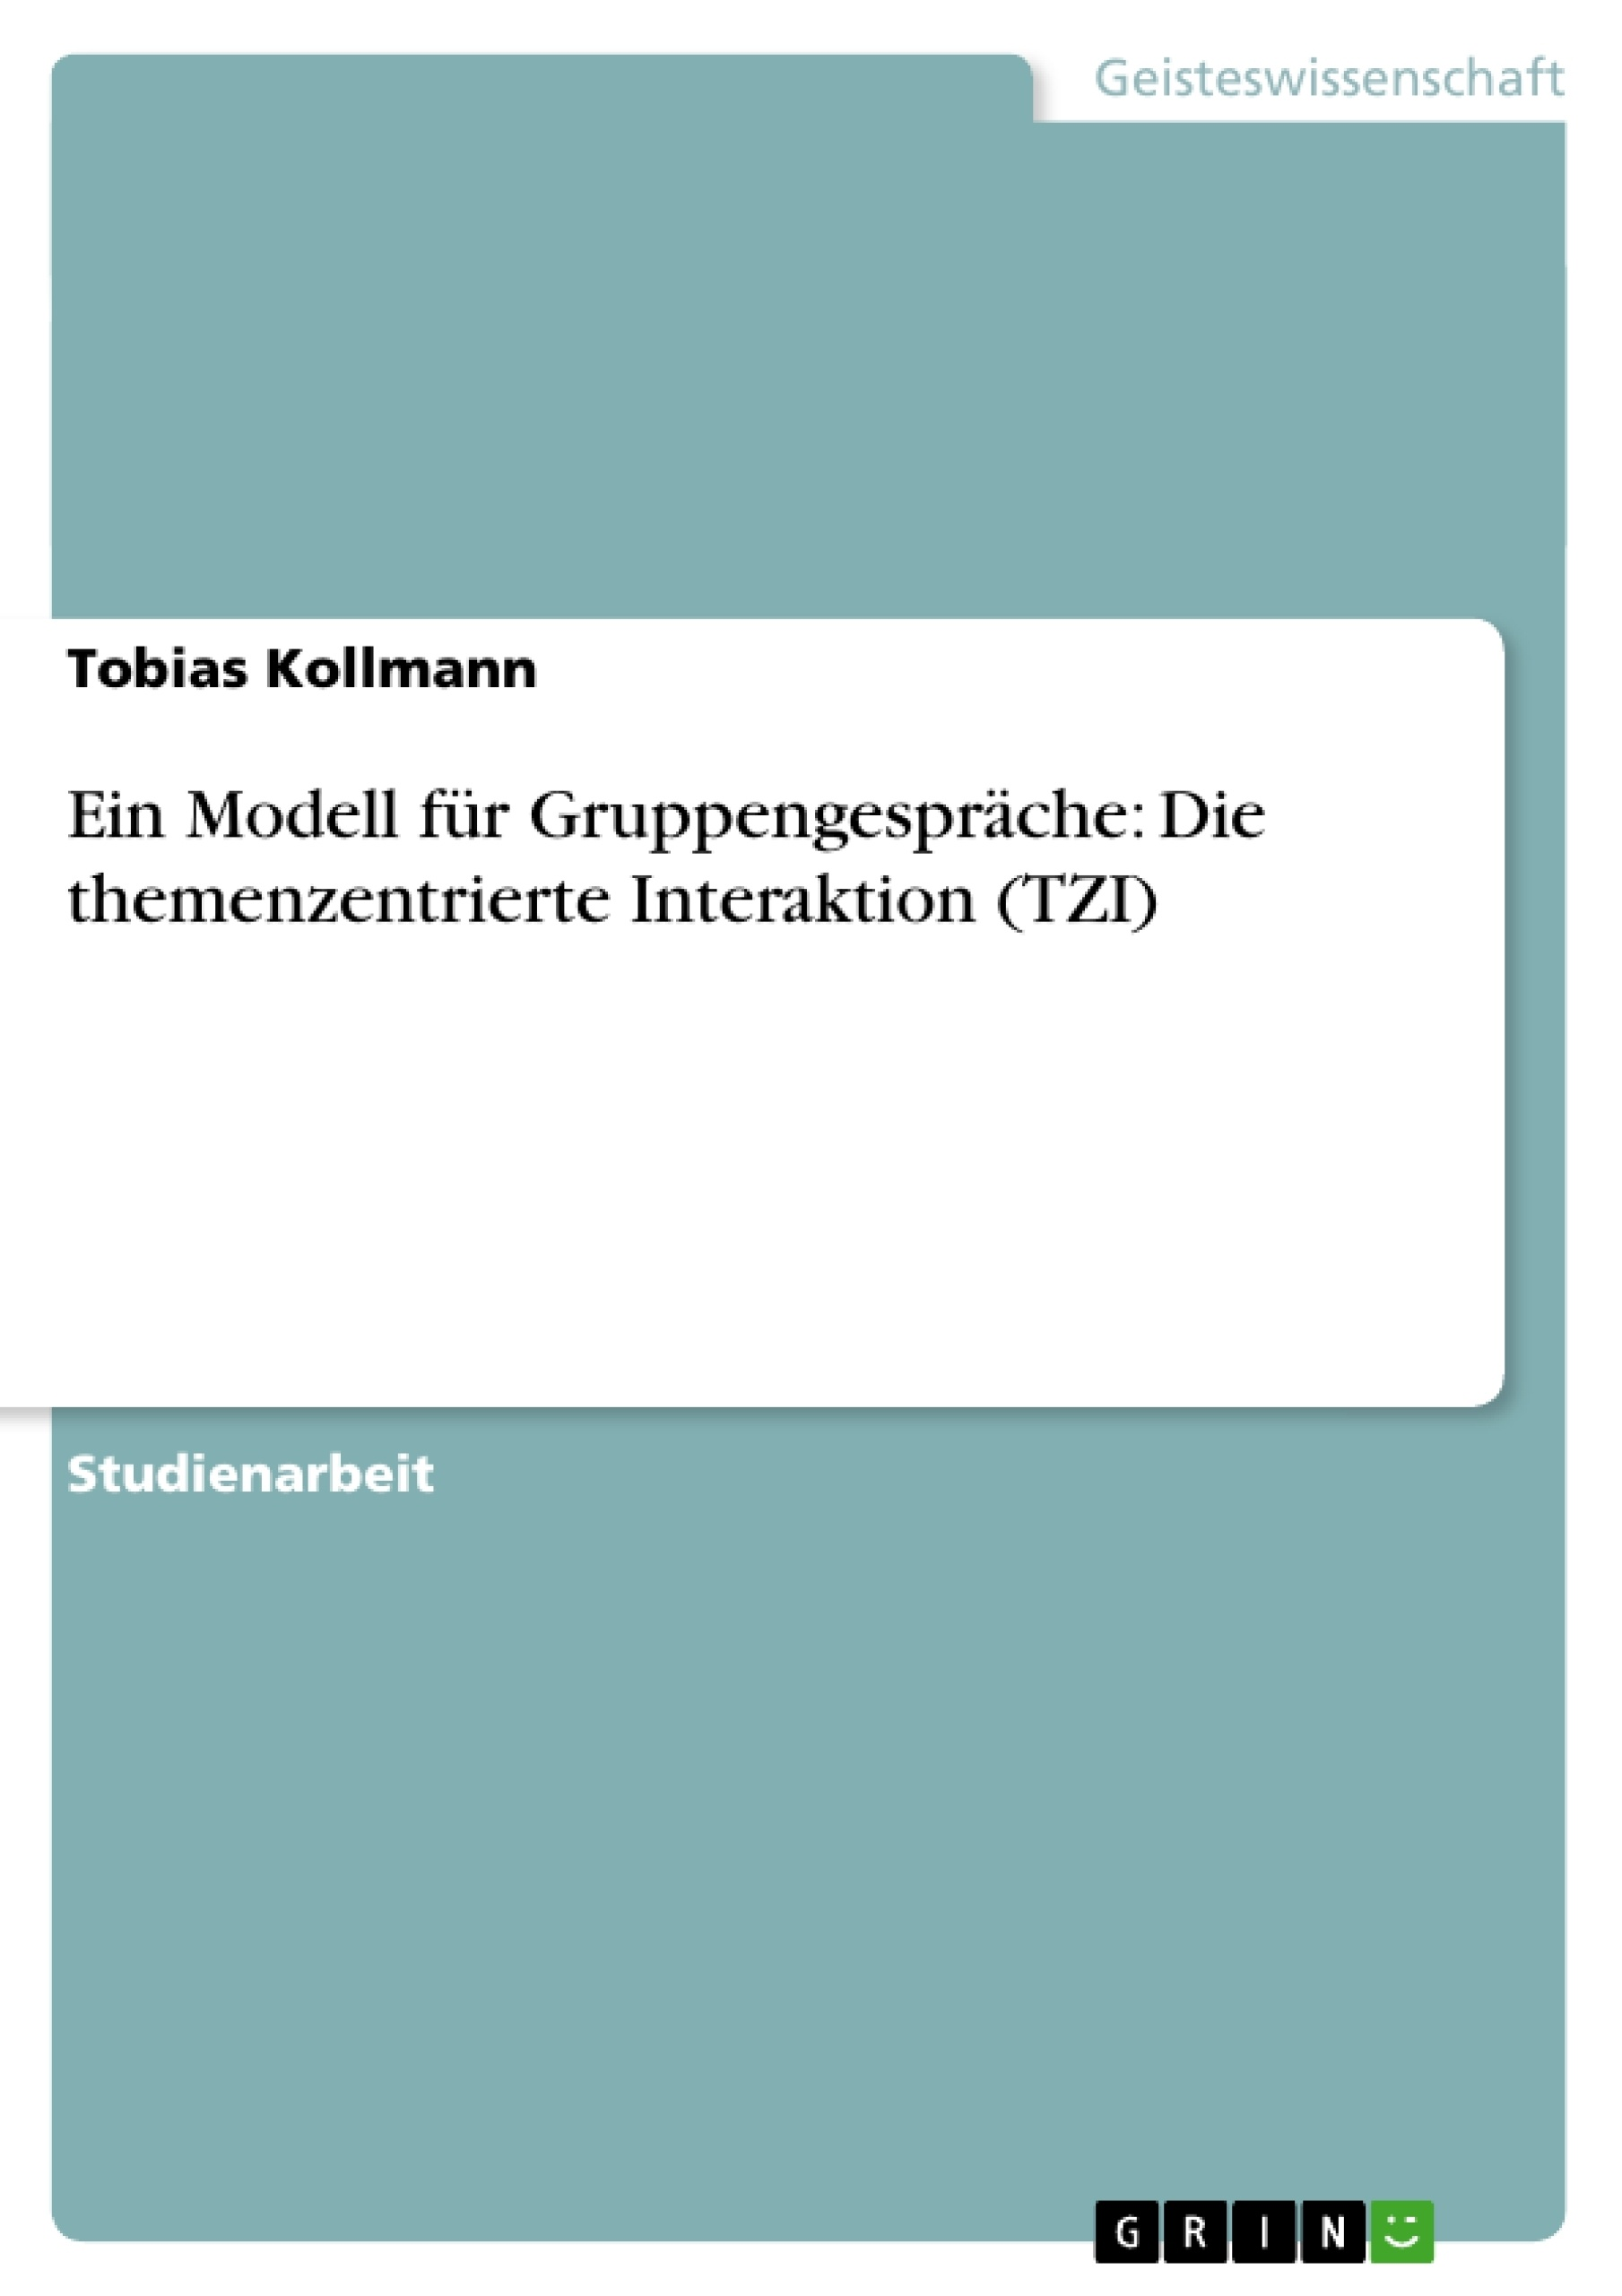 Titel: Ein Modell für Gruppengespräche: Die themenzentrierte Interaktion (TZI)